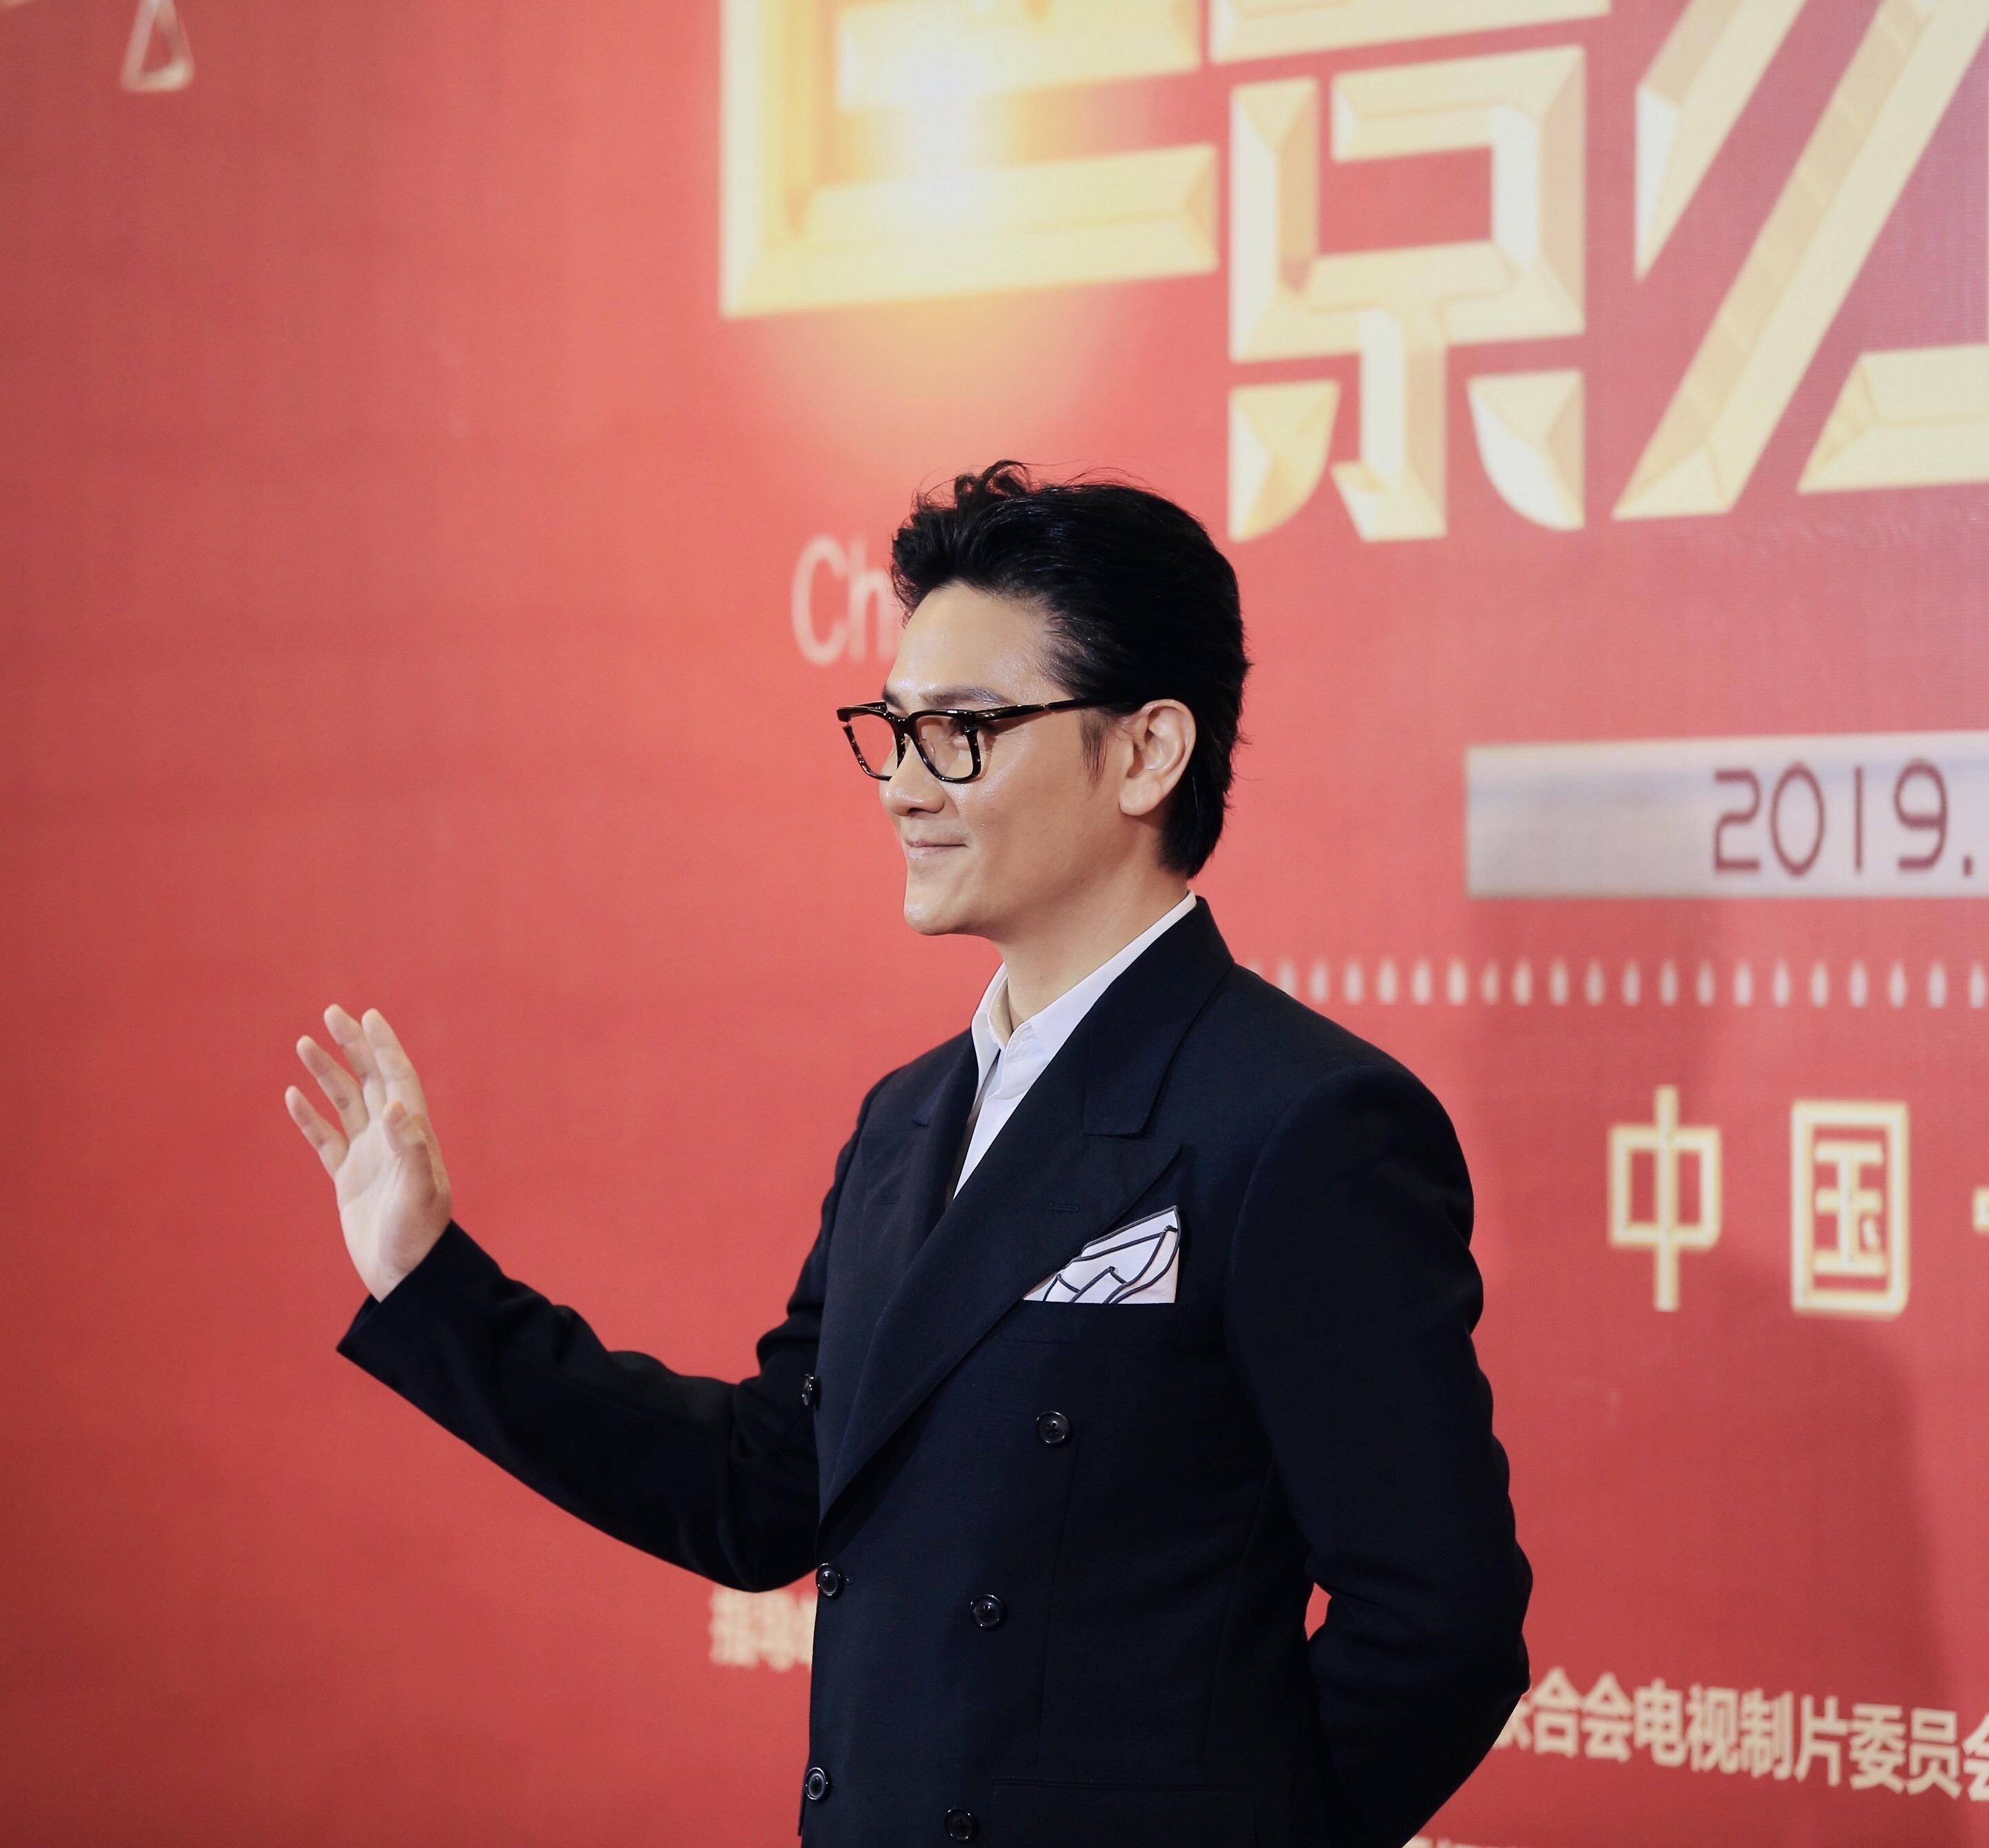 为本土文化产业助力加油,丁子峻受邀担任国影盛典颁奖嘉宾